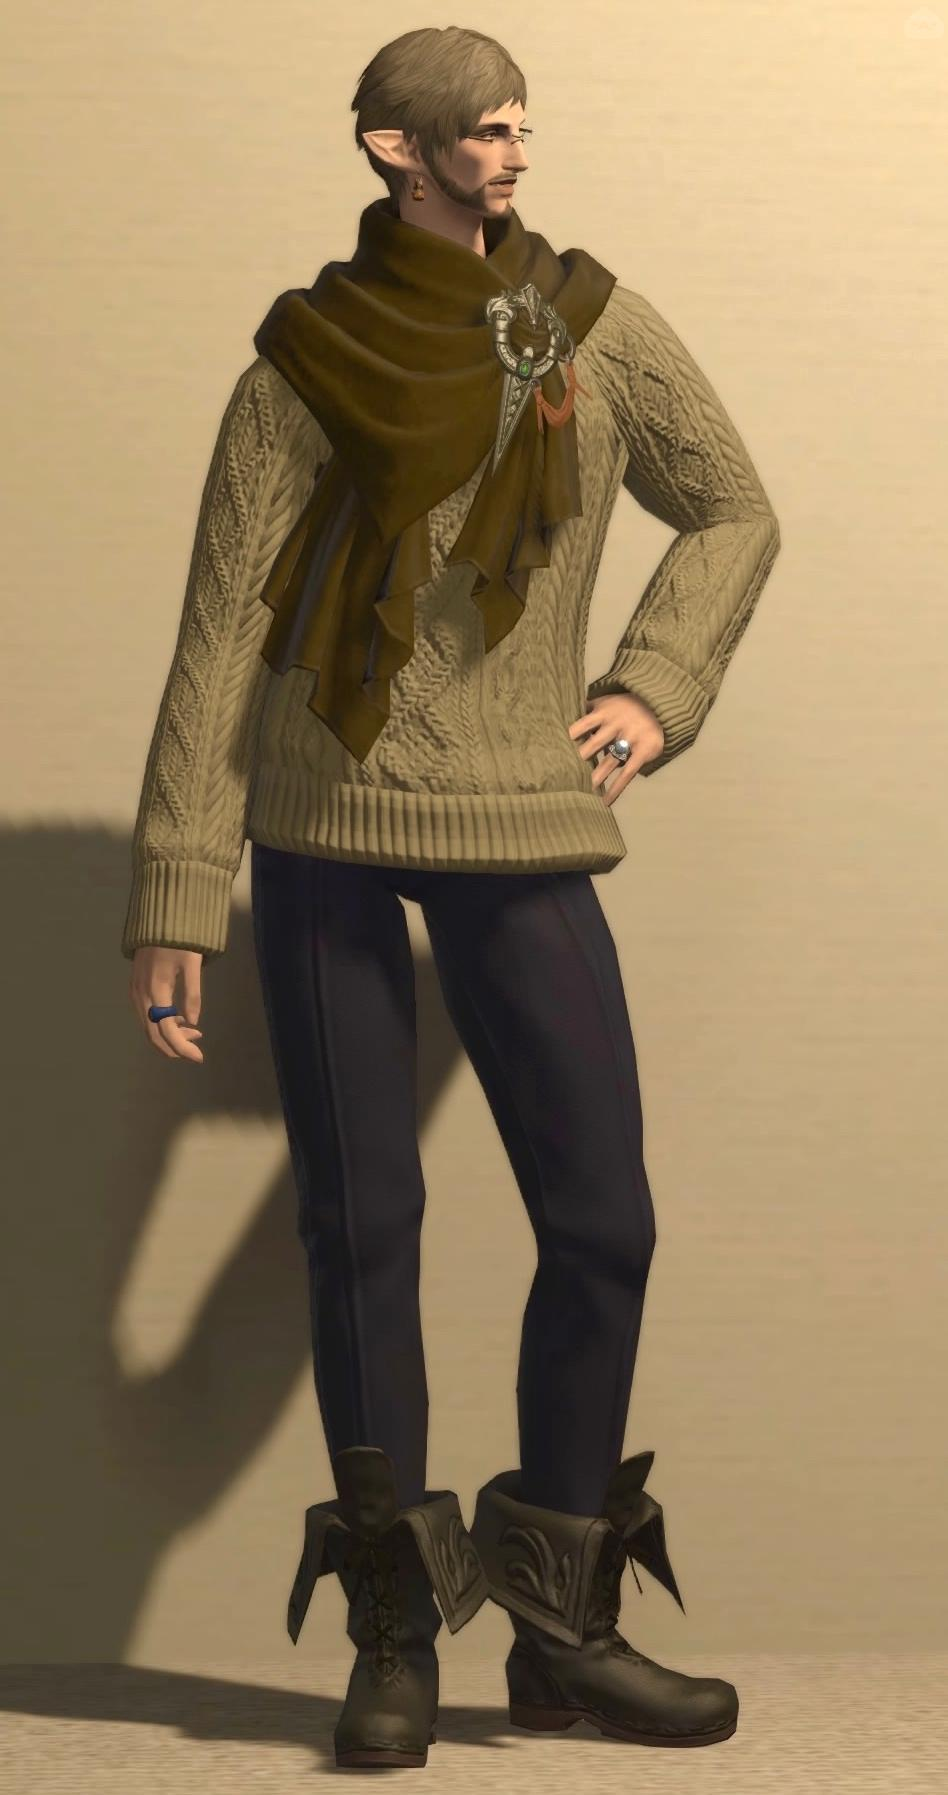 アドベンチャラーセーターのカジュアルな着こなし